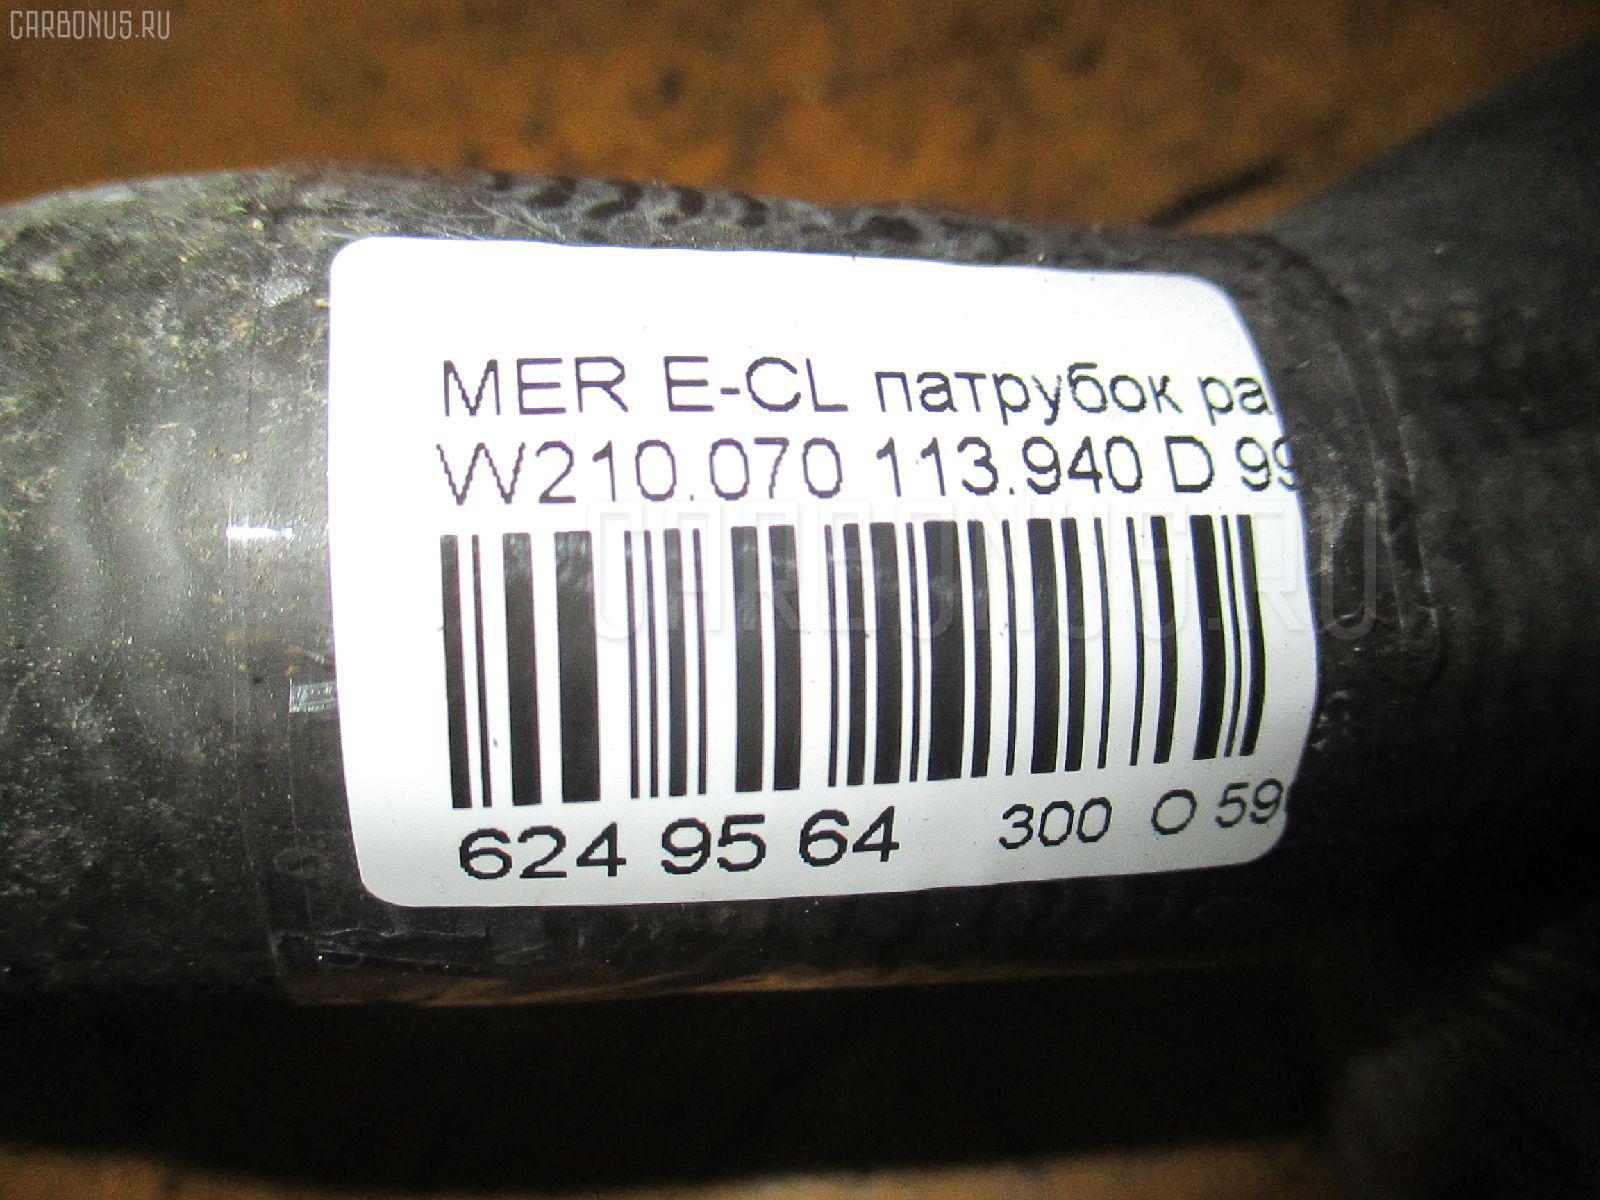 Патрубок радиатора ДВС MERCEDES-BENZ E-CLASS W210.070 113.940 Фото 2